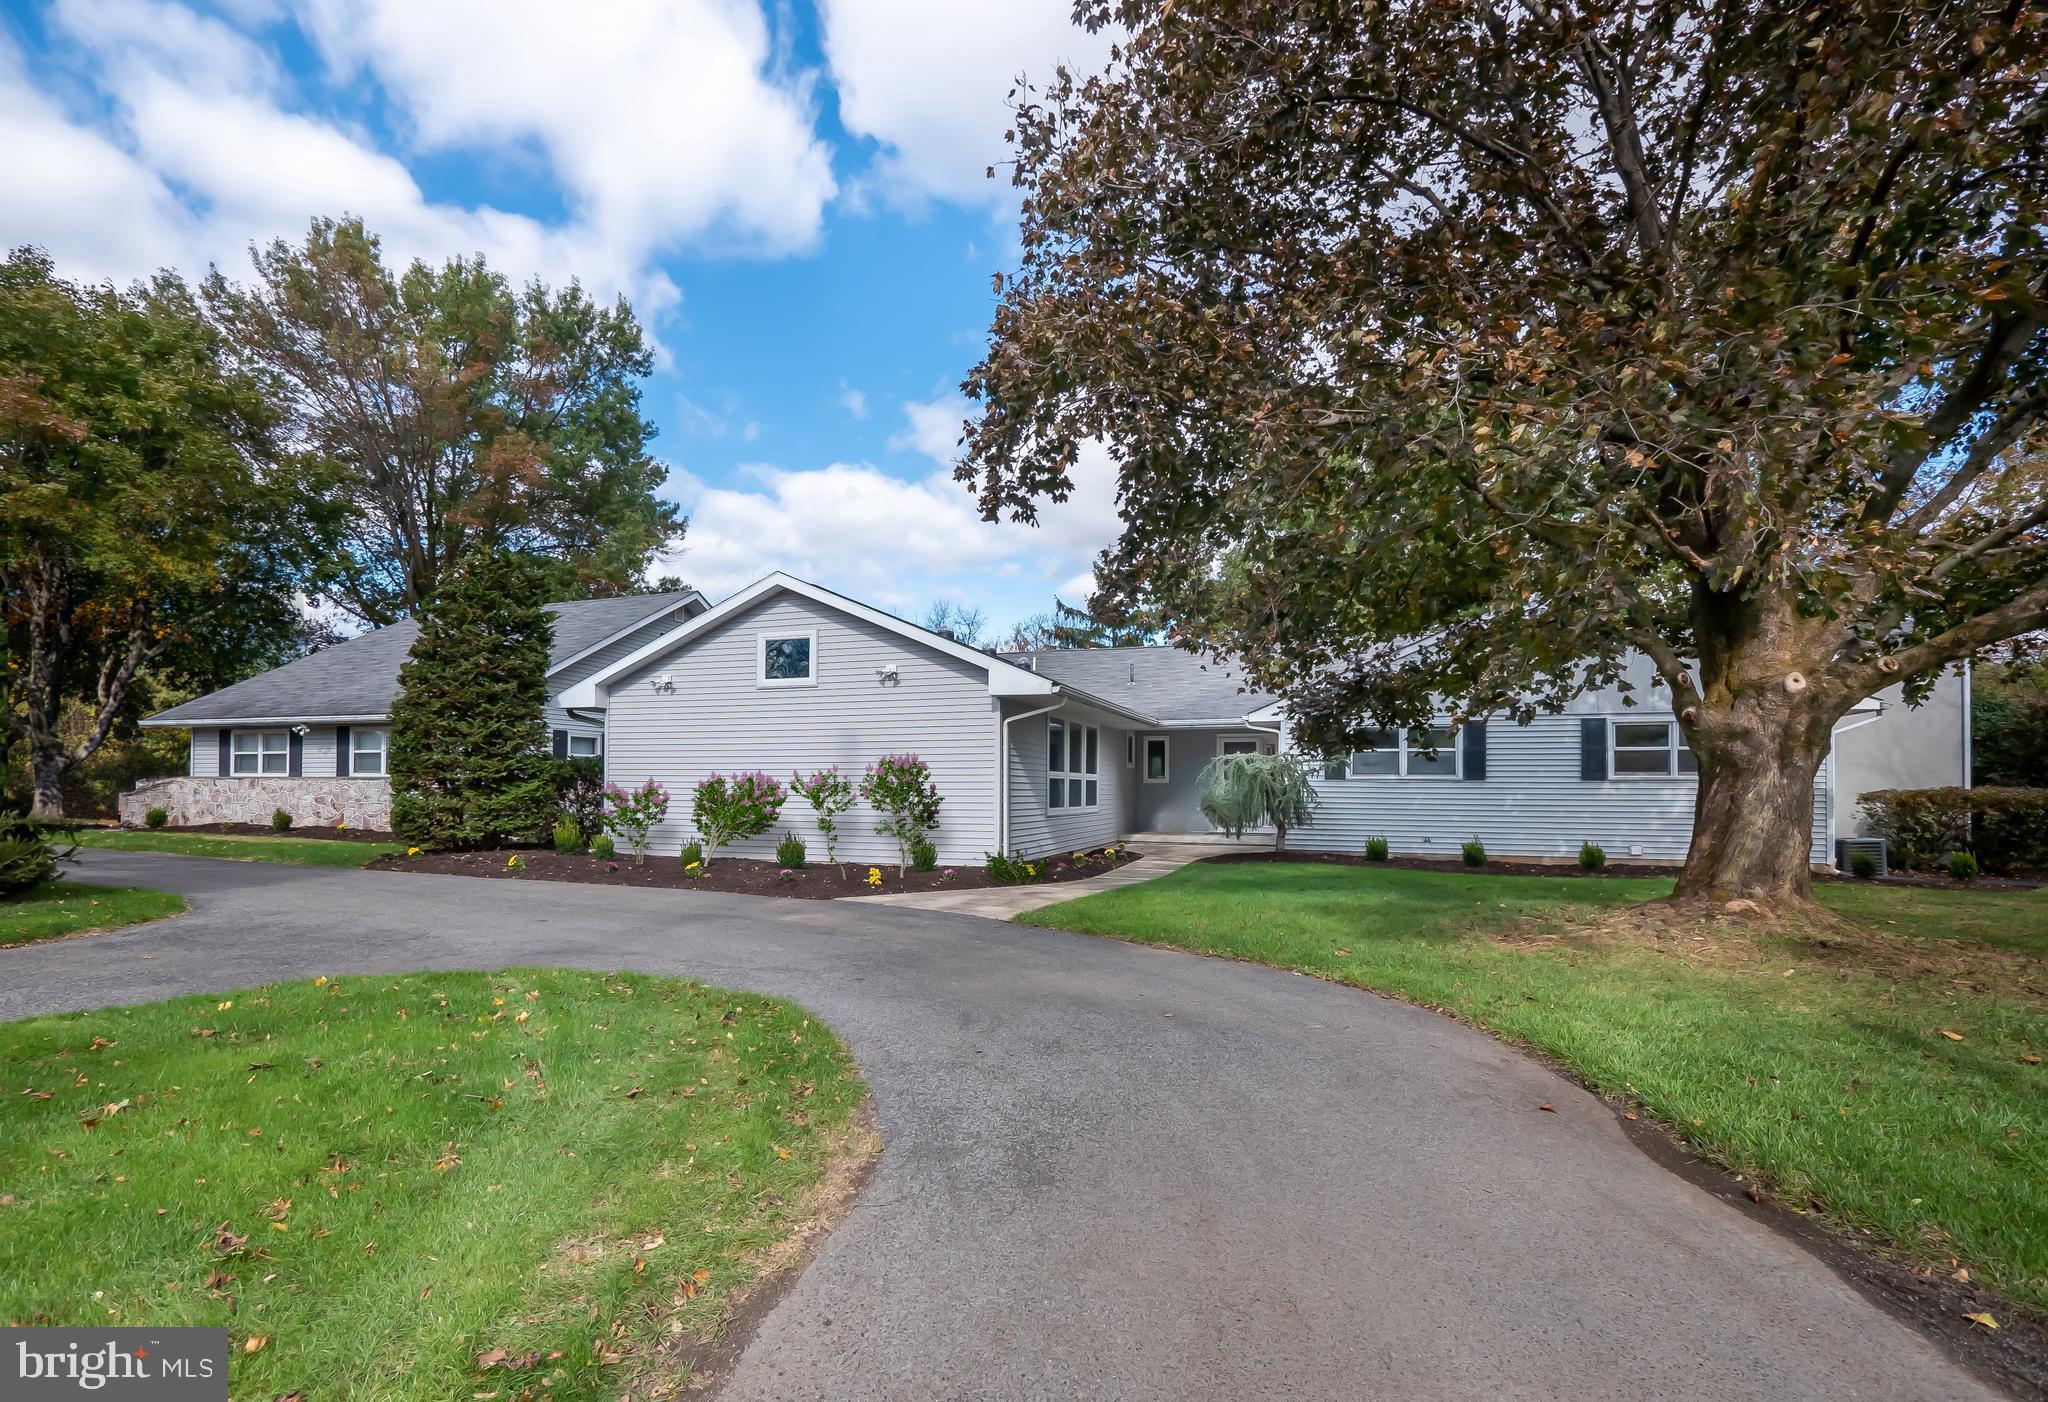 1831 Meadows Road, Hellertown, PA 18055